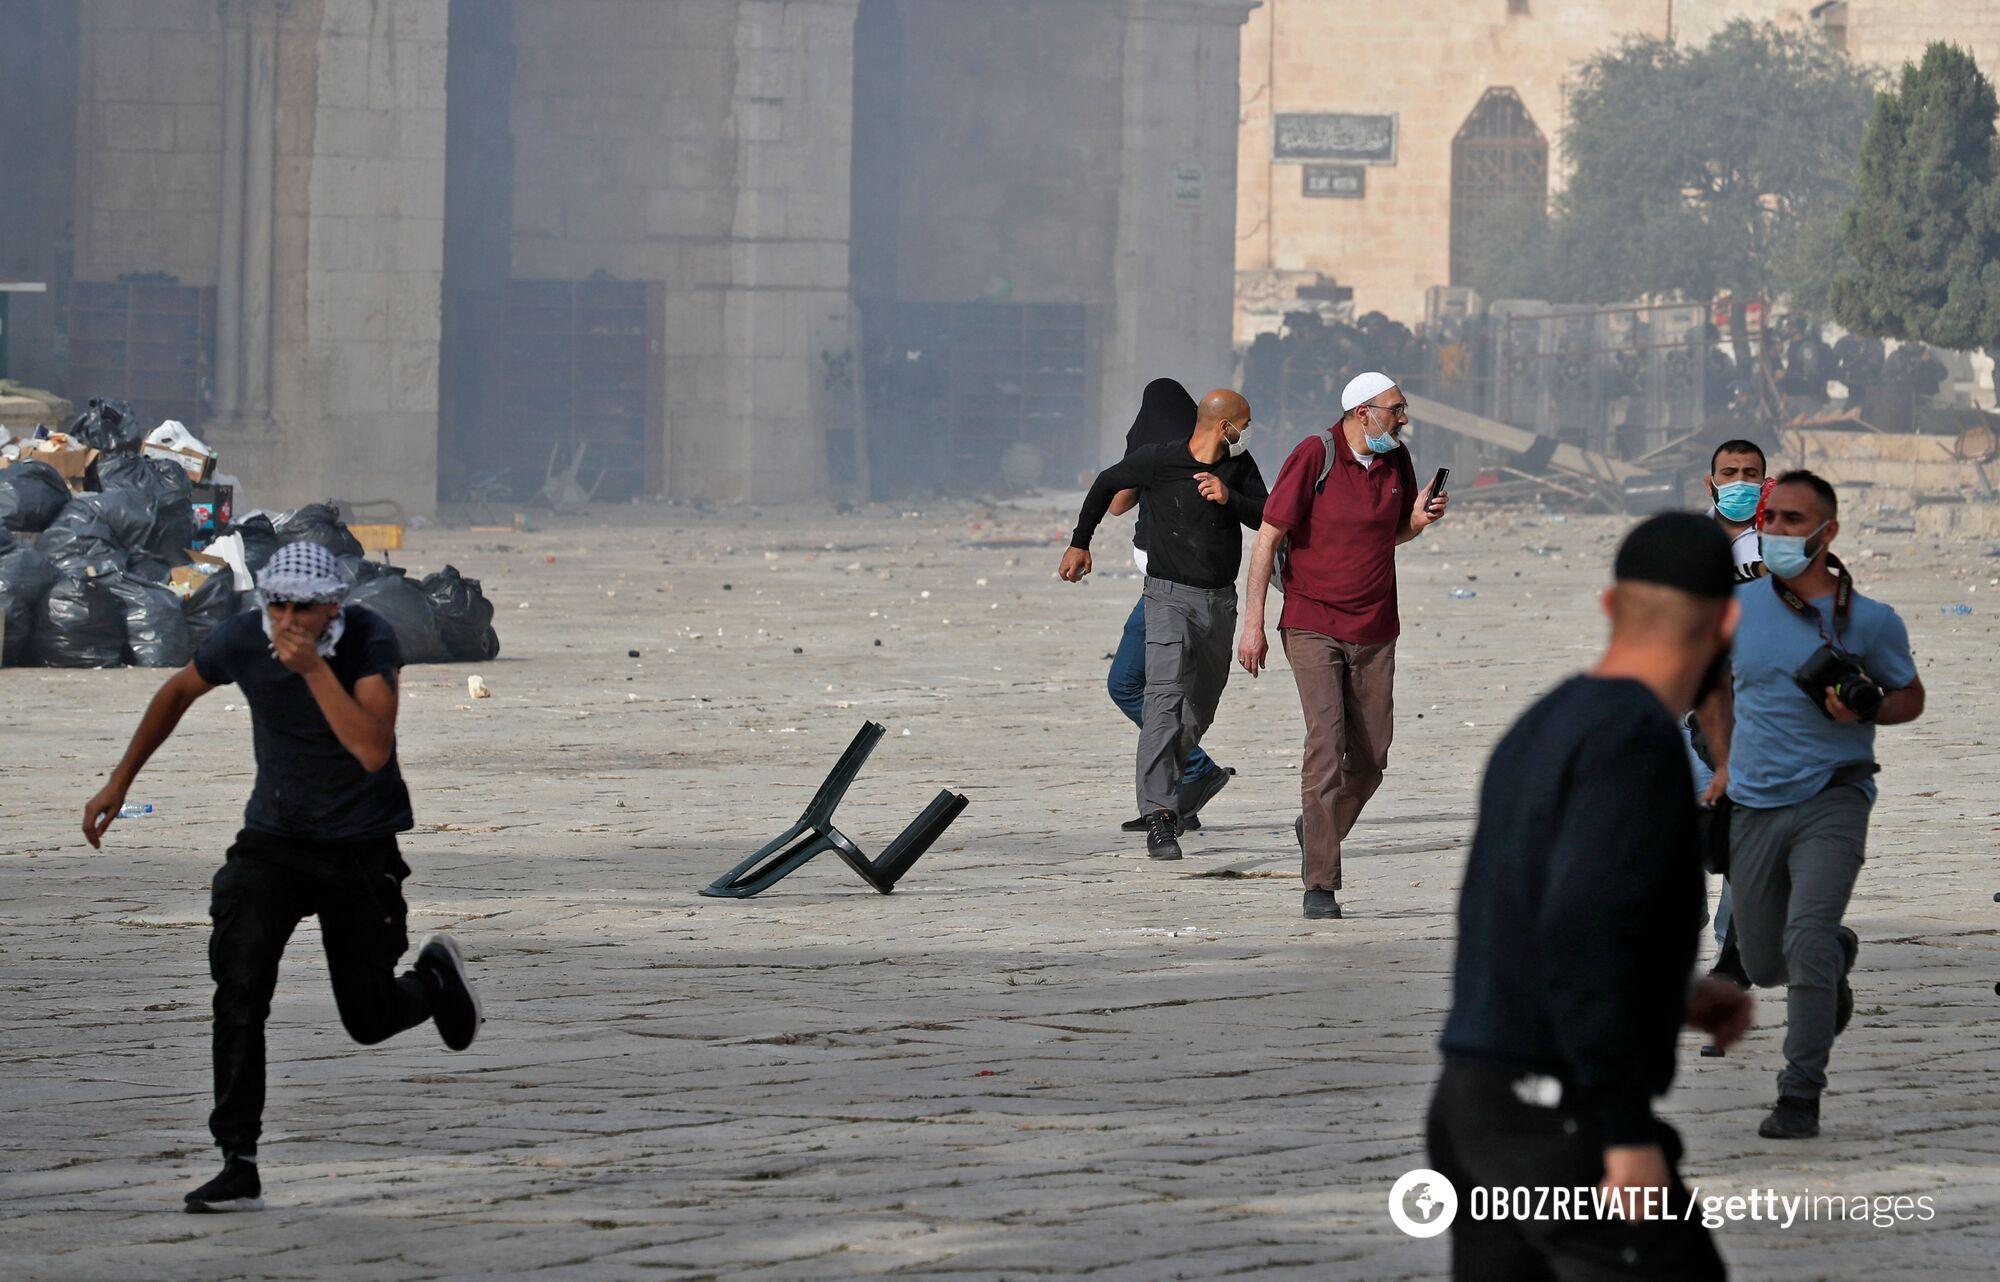 В Иерусалиме снова вспыхнули массовые столкновения, пострадали сотни людей. Фото и видео